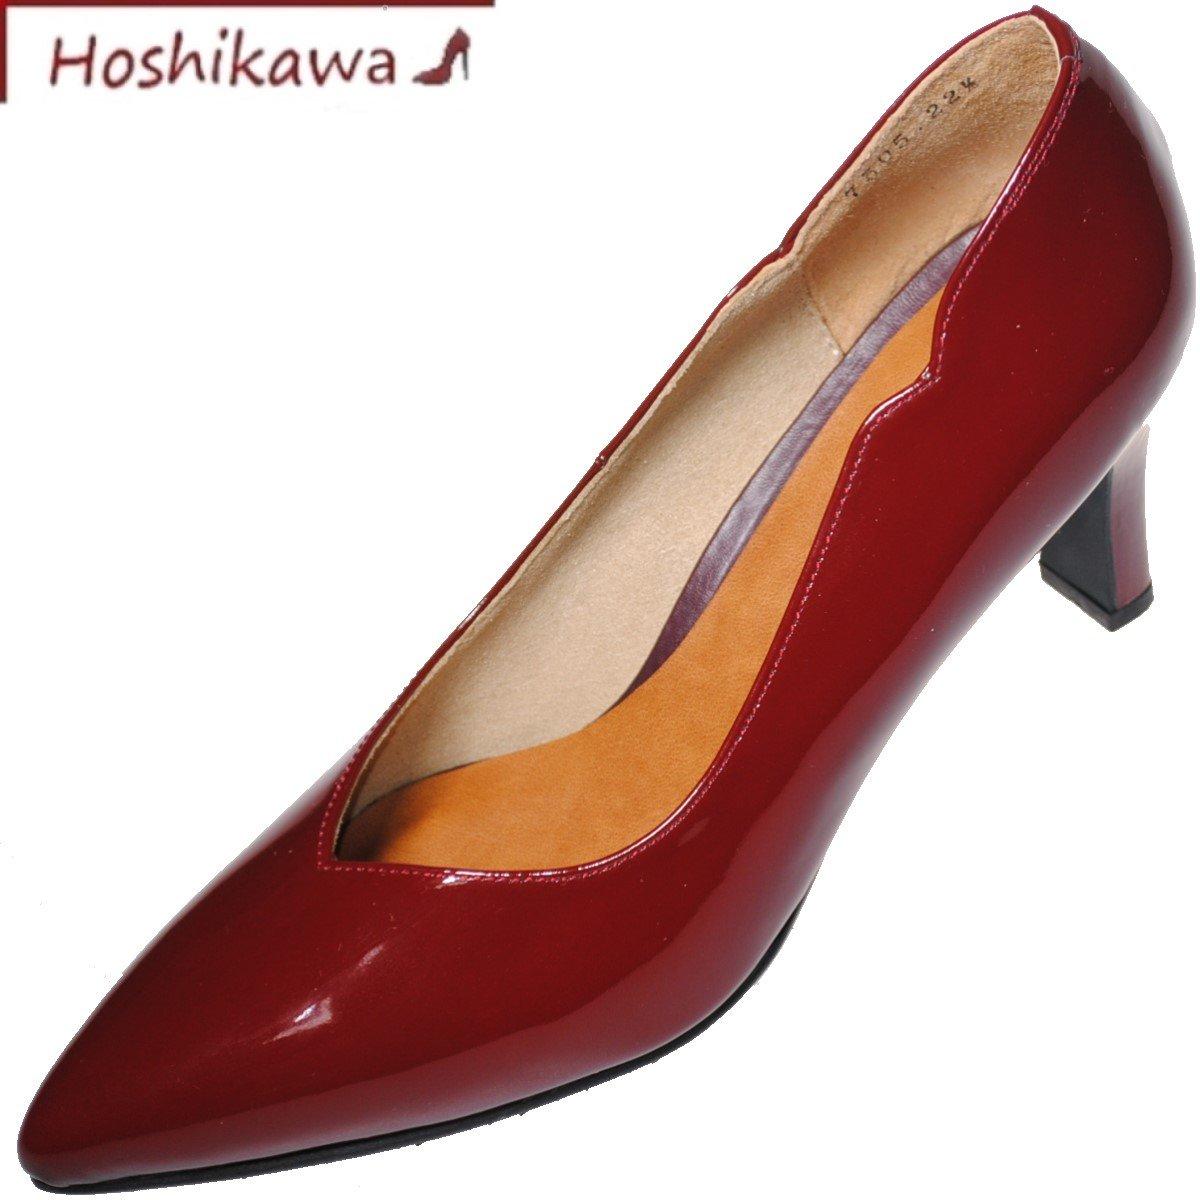 Miss 日本製 ボルドーフォーマル 『Dona 本革ヒール 【靴のHOSHIKAWA】 レディースドナミス 7505』21.5cm~24.5cm ビジネス